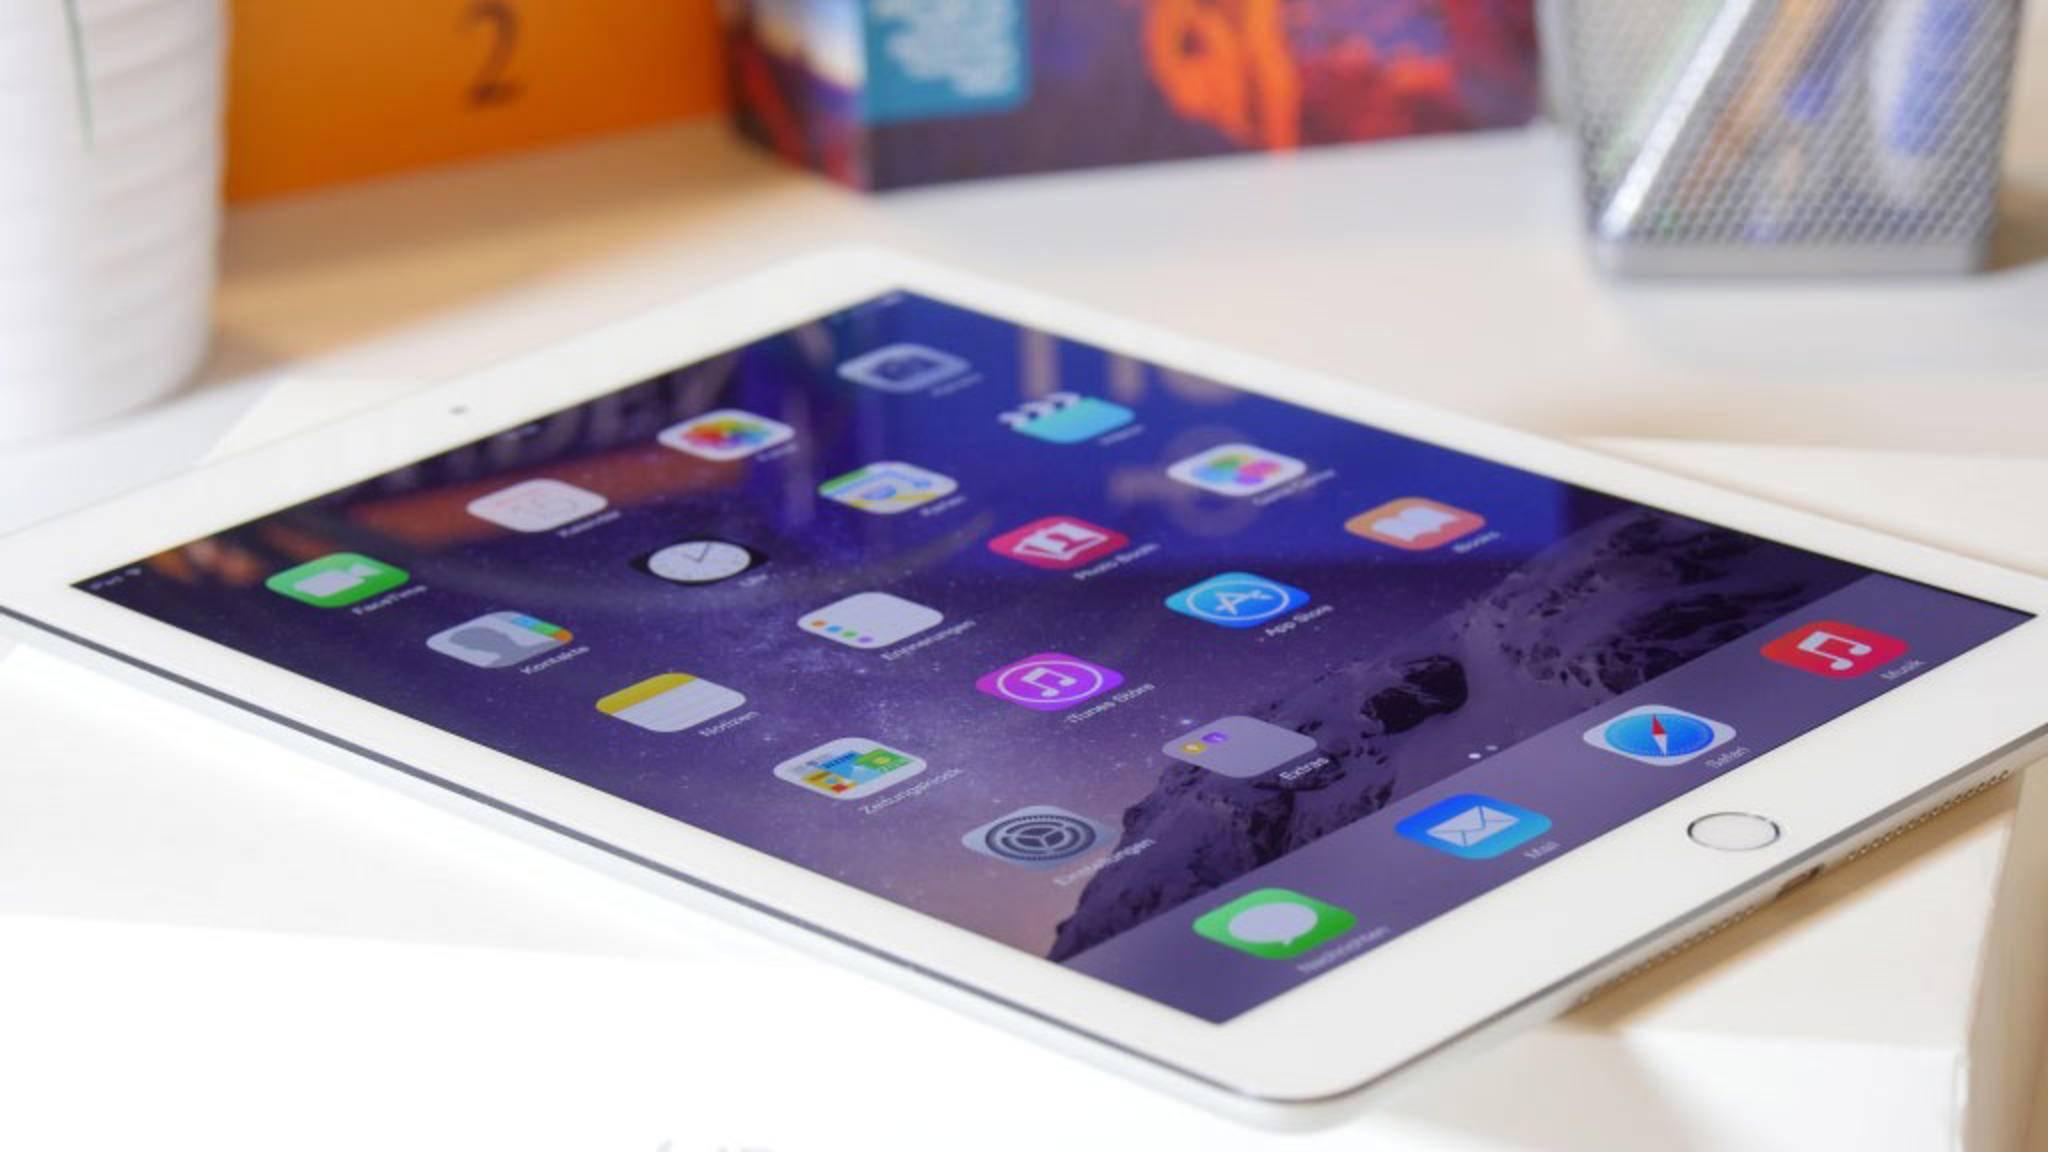 Unter den neuen iPads soll sich ein Einsteigermodell in der Größe des iPad Air 2 befinden.